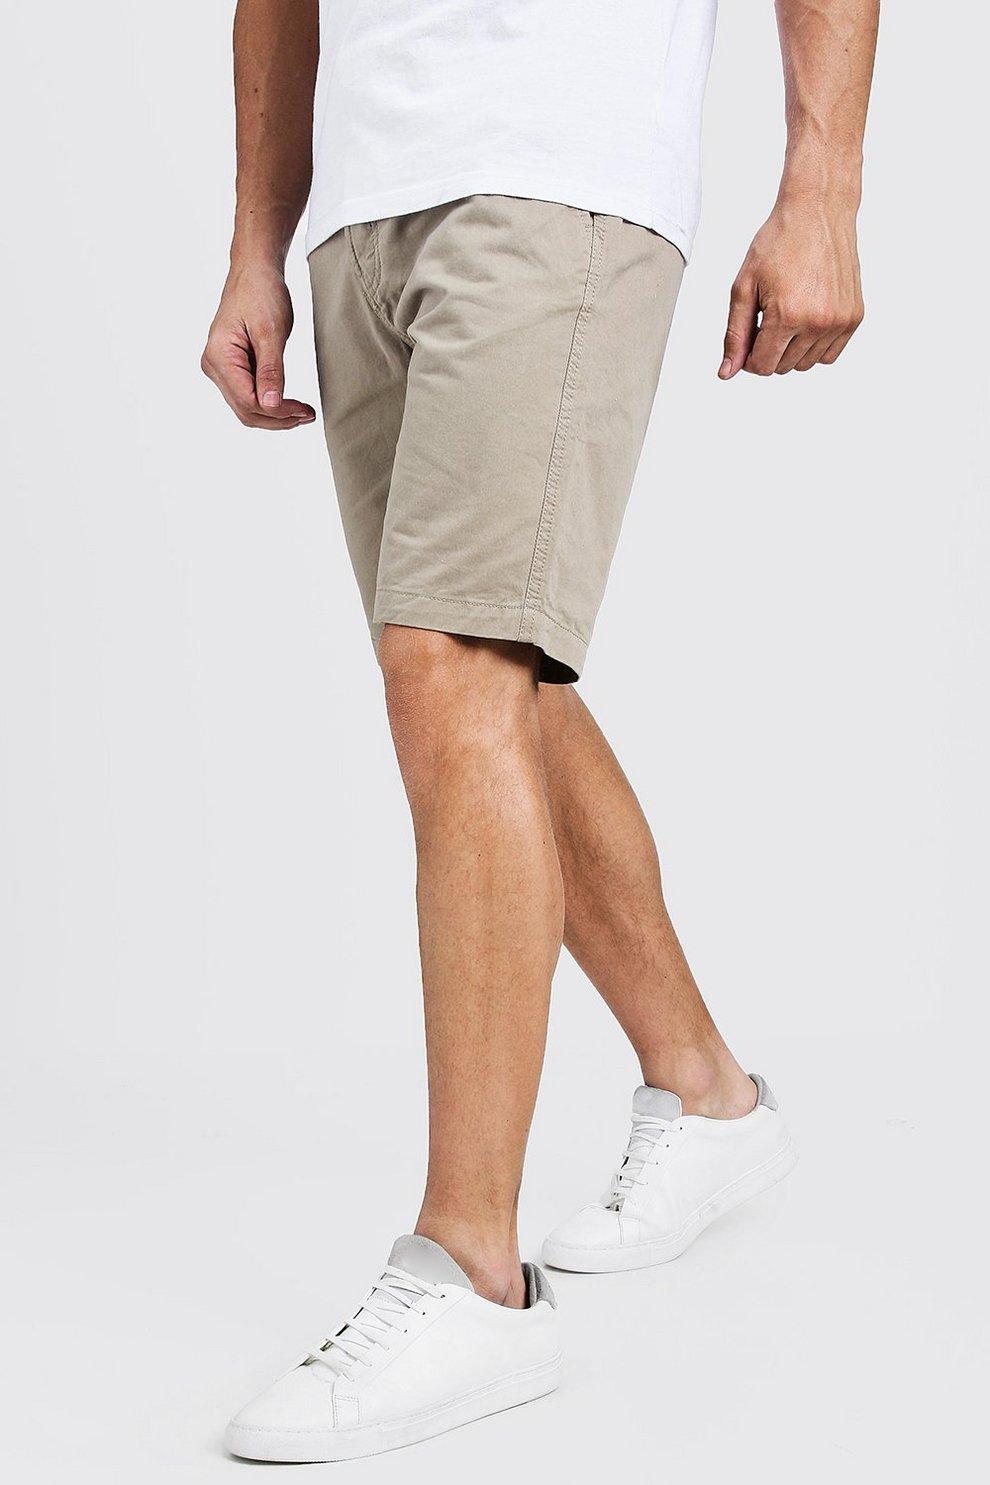 6396374c7e Pantalones cortos chinos de algodón ajustadas